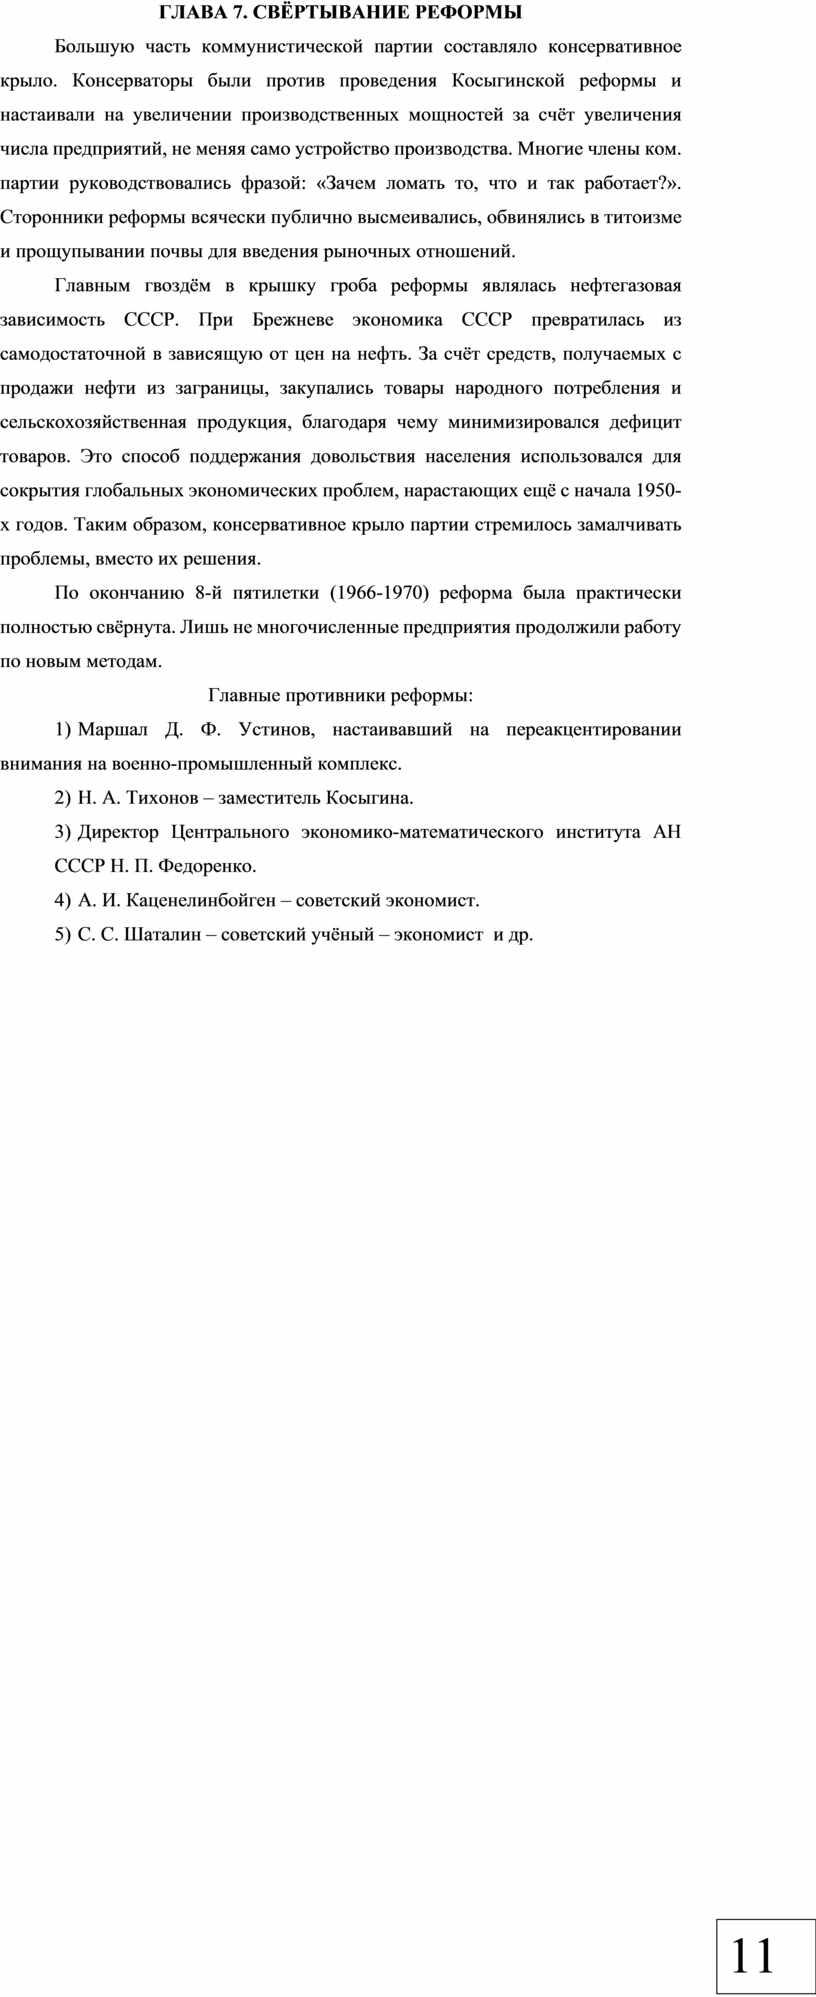 ГЛАВА 7. СВЁРТЫВАНИЕ РЕФОРМЫ